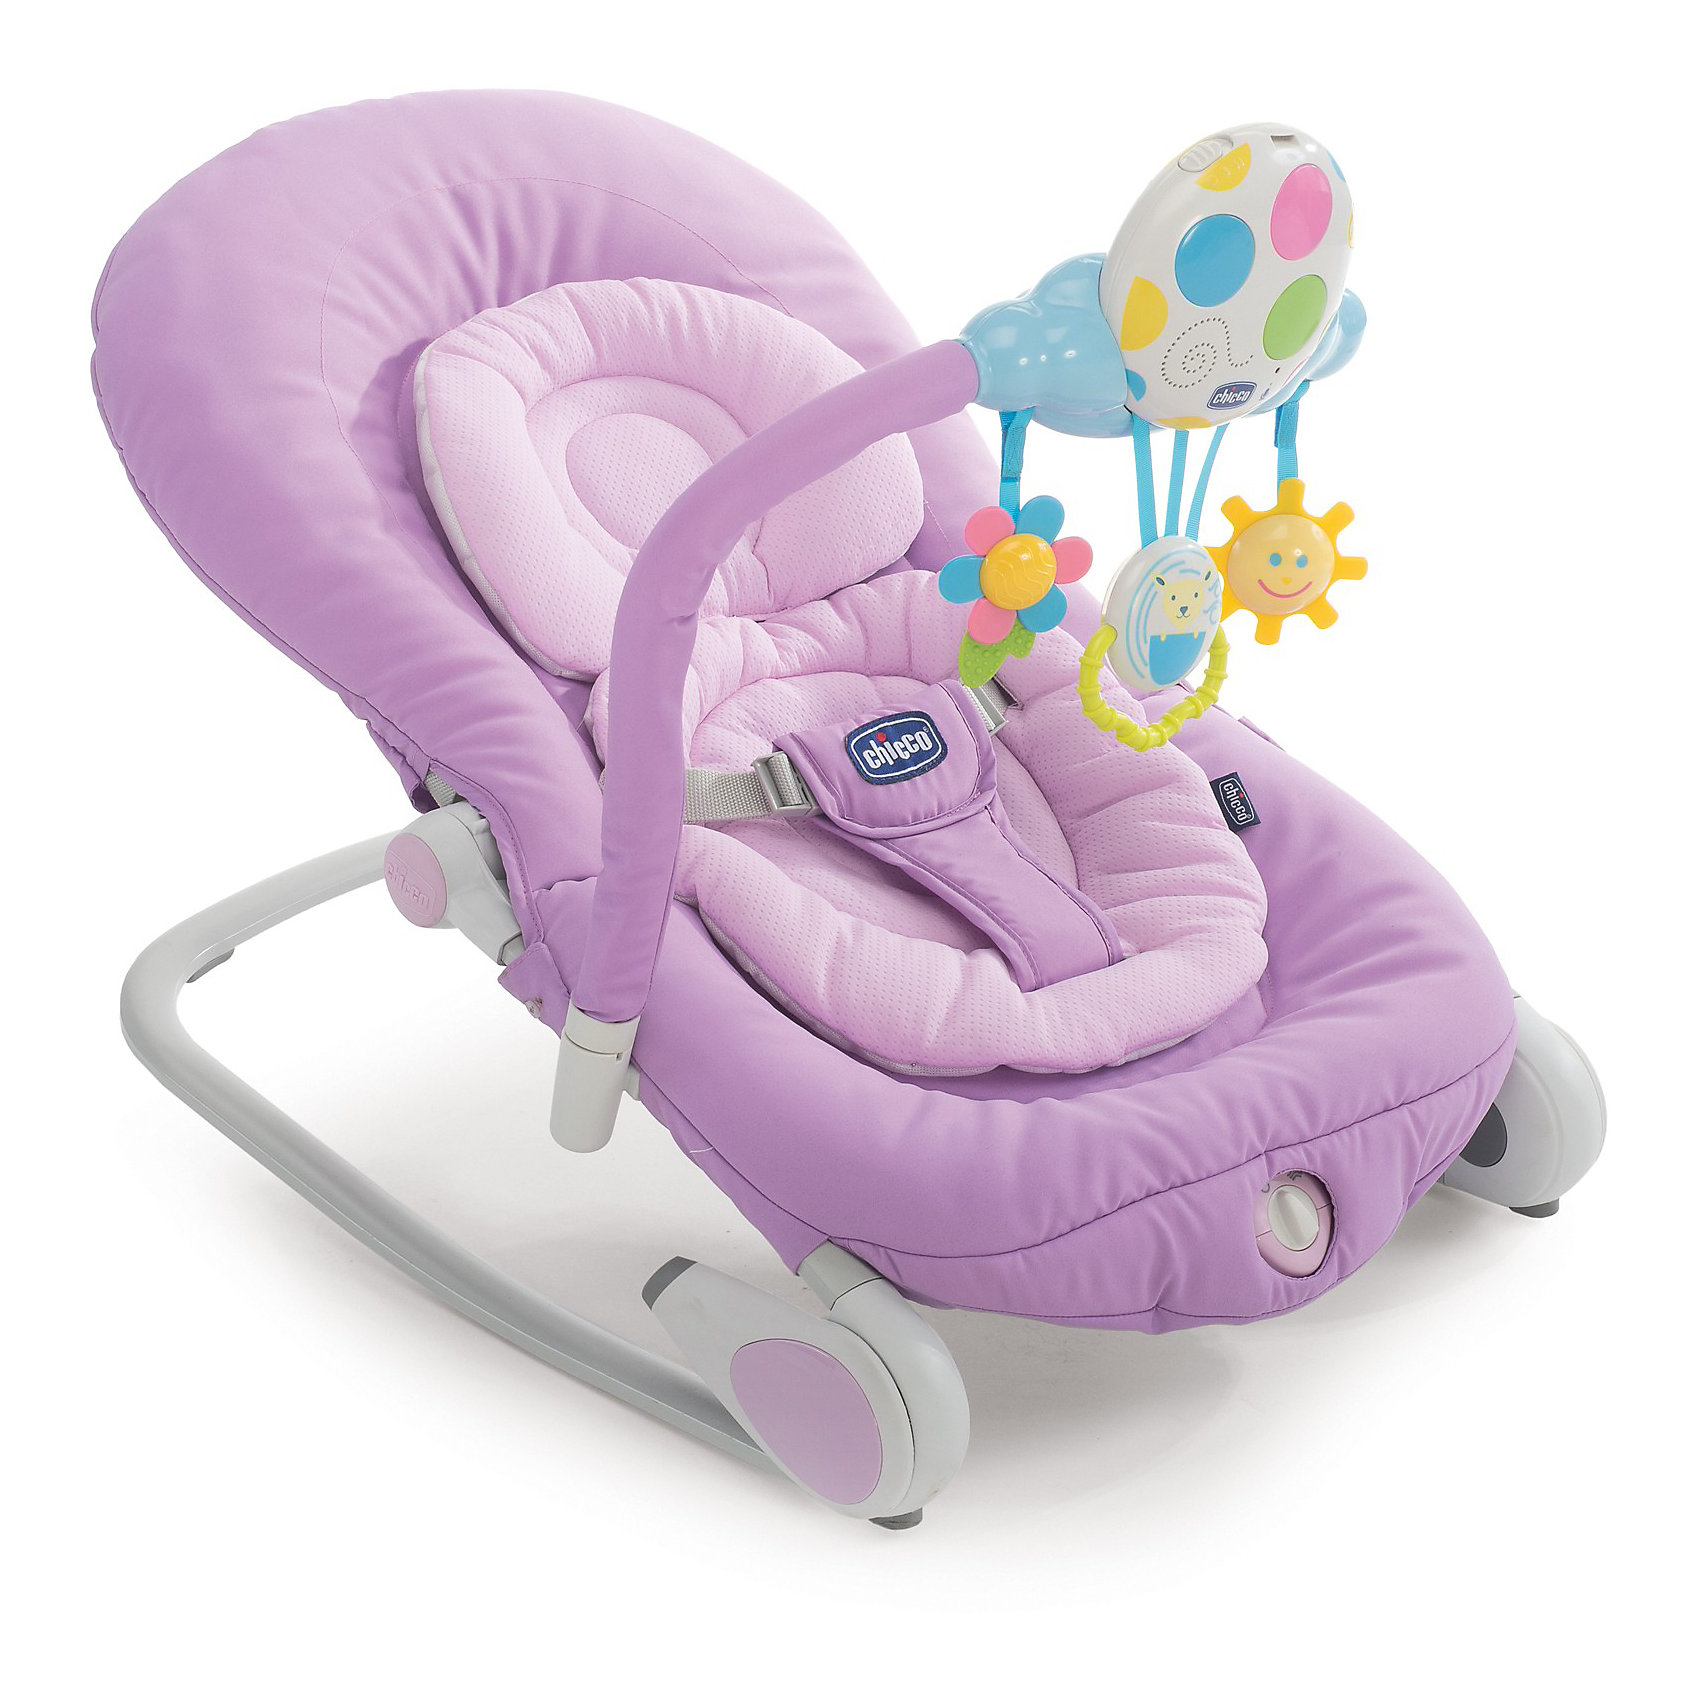 Кресло-качалка Balloon, Chicco, розовыйКресла-качалки<br>Легкое и удобное кресло-качалка Balloon, Chicco (Чико) - замечательное место для игр и отдыха малыша с рождения до 9 кг. (6 месяцев). Анатомическая конструкция кресла обеспечивает малышам правильное положение. Мягкое широкое сиденье со съемной моющейся подкладкой создает ребенку оптимальный комфорт. Спинка сиденья регулируется в четырех положениях, вплоть до горизонтального. Подголовник регулируется в 3 позициях по высоте ребенка. Кресло можно легко зафиксировать в статичном положении, либо трансформировать его в кресло-качалку, убрав ножки. Устройство легкой вибрации поможет малышу расслабиться. Ребенок надежно удерживается в кресле при помощи мягкого трехточечного ремня безопасности. <br><br>Для развлечения малыша в комплекте предусмотрен съемный электронный модуль с тремя подвесными забавными игрушками, которые будут способствовать двигательной активности, тактильному и сенсорному развитию. При нажатии на кнопочки модуля, загораются цветные<br>огоньки и звучат приятные мелодии и звуки природы (6 мелодий и 6 звуков природы). Также можно записать свое сообщение протяженностью 30 секунд, чтобы ребенок слышал Ваш голос. Модуль легко крепится к детской кроватки с помощью ремешка и поможет успокоить малыша перед сном. Кресло-качалка быстро складывается с помощью двух специальных кнопок и не занимает много места при хранении. Имеются две прочные тканевые ручки для переноски. Чехол из ткани легко снимется и стирается при комнатной температуре. Максимальный вес ребенка - 9  кг.<br><br>Дополнительная информация:<br><br>- Цвет: lilla (сиреневый).<br>- Материал: текстиль, пластик, металл.<br>- Возраст: 0-6 мес.<br>- Требуются батарейки: 2 х AA, 1 x LR20 1,5V (не входят в комплект).<br>- Размер в разложенном виде: 78 х 43 х 32/62 см.<br>- Размер в сложенном виде: 80 х 17 х 43 см.<br>- Вес: 4,5 кг.<br><br>Кресло-качалку Balloon, Chicco (Чико), можно купить в нашем интернет-магазине.<br><br>Ширина мм: 800<br>Глубина мм: 5